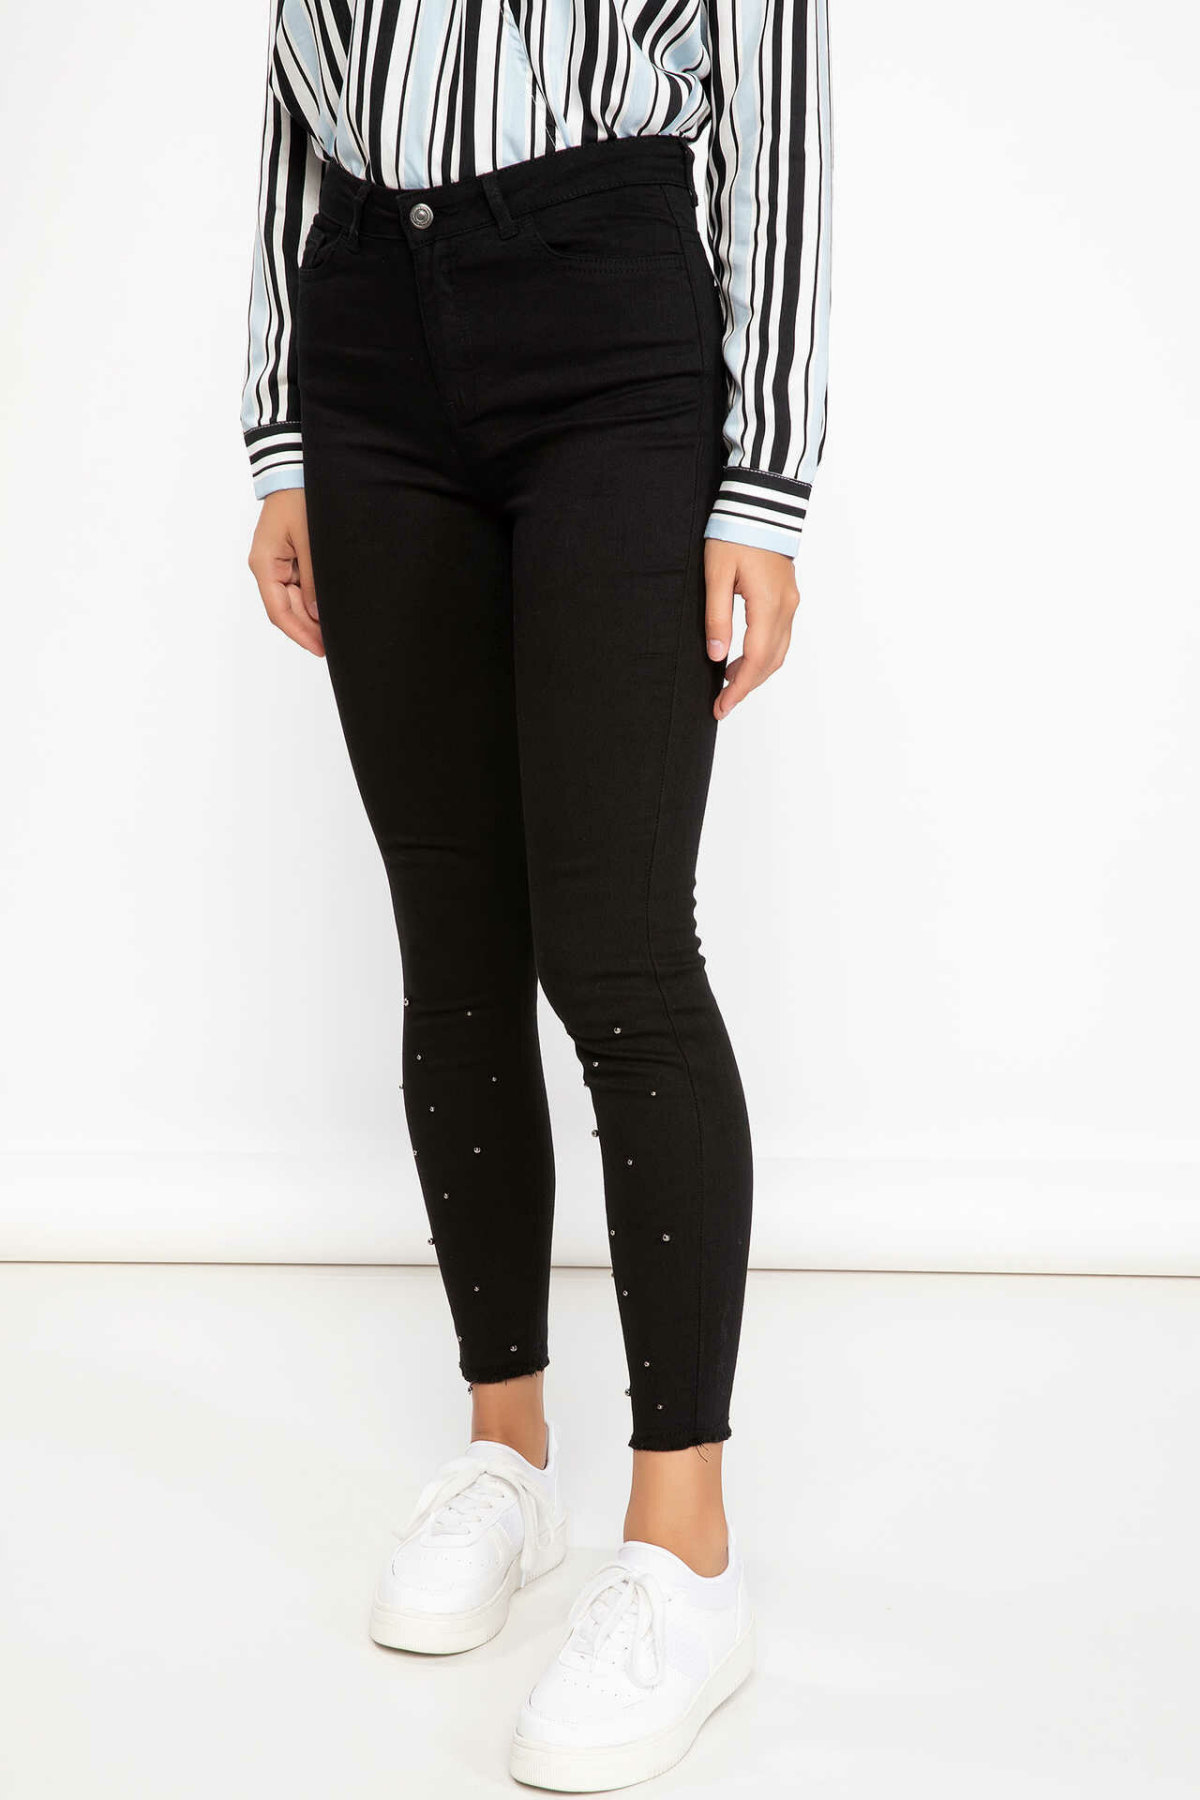 DeFacto Women Cotton Skinny Trousers Female Casual Comfort Pencil Pants High Qualilty Slim Crop Pant Female -J5874AZ18AU